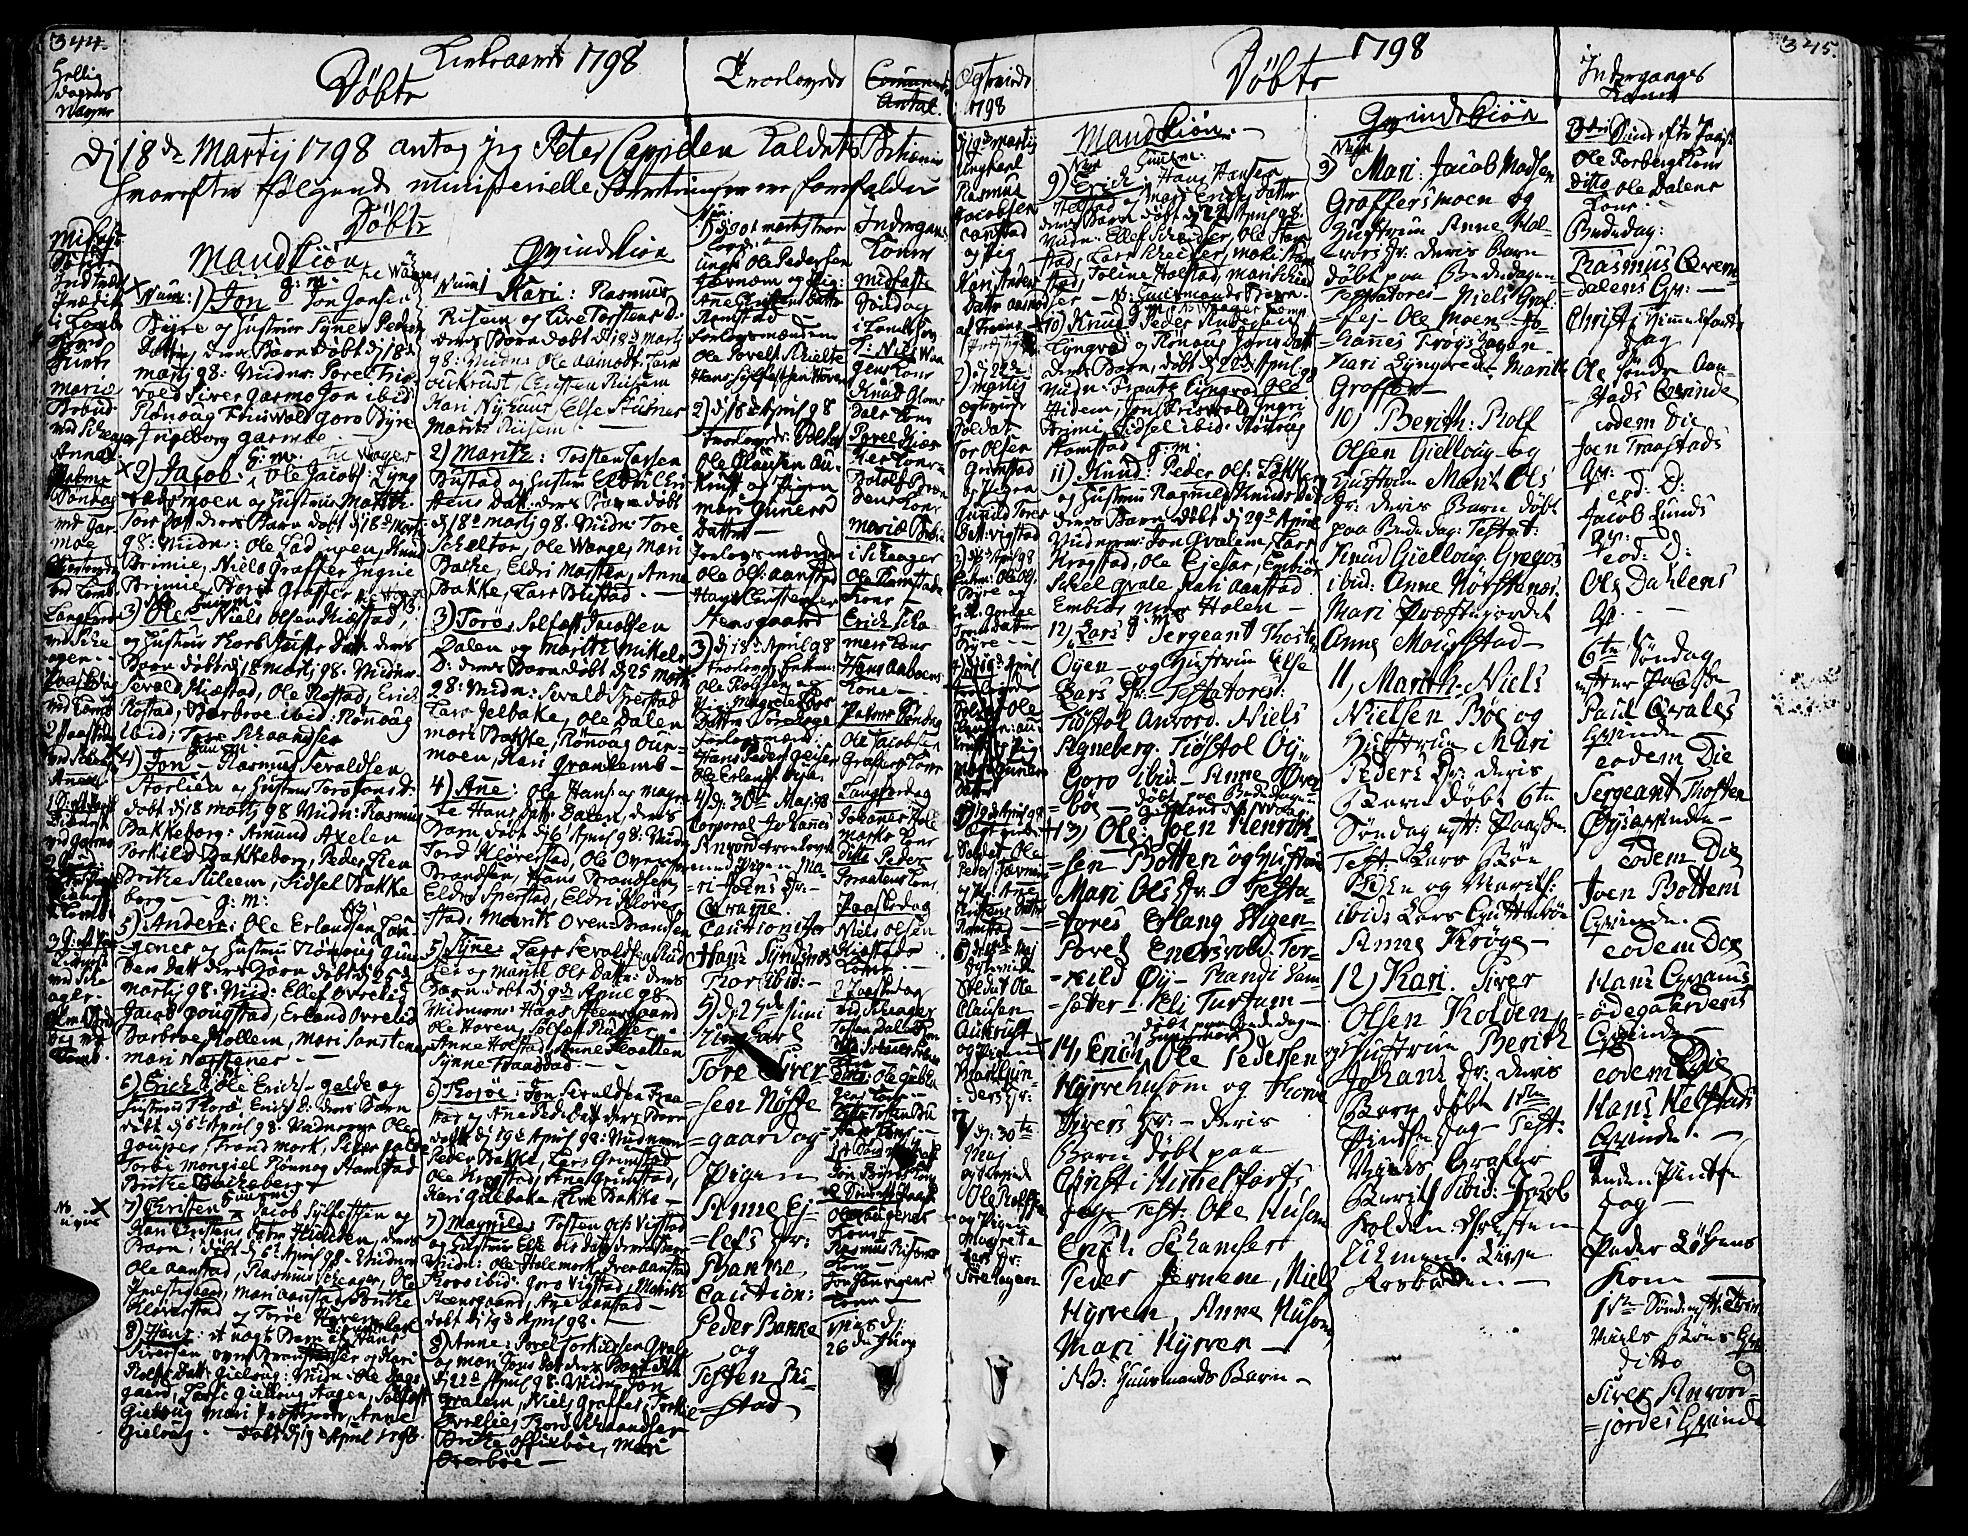 SAH, Lom prestekontor, K/L0002: Ministerialbok nr. 2, 1749-1801, s. 344-345